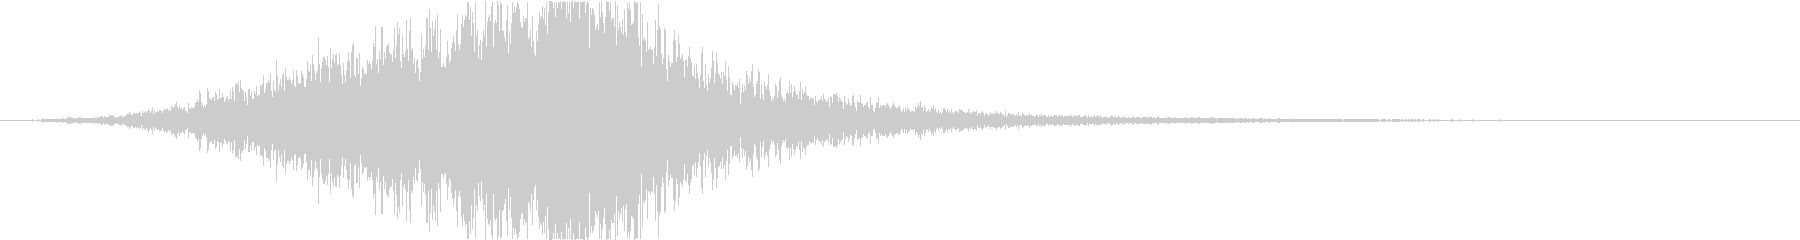 ヘアードライヤー:空気騒音の機械旋風。の未再生の波形